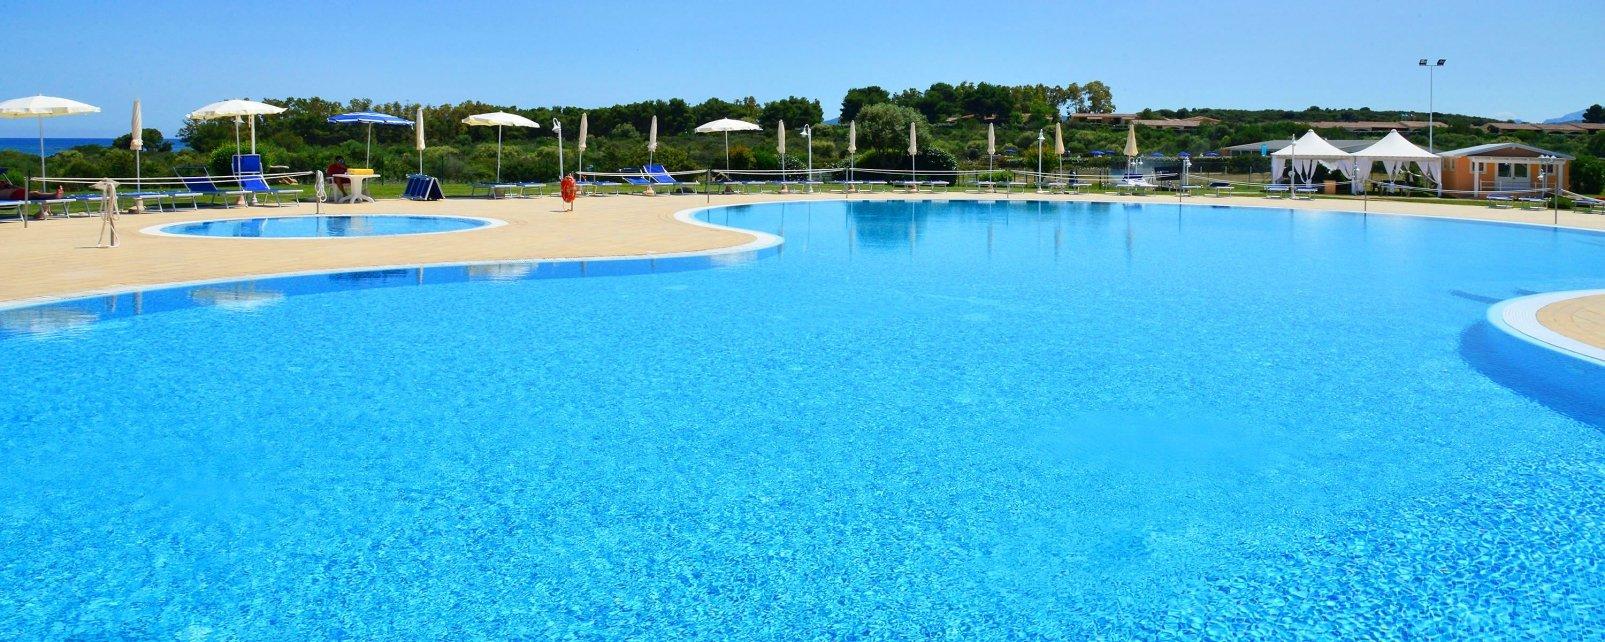 Hotel Baia del Porto - Official Site - Charming hotel near the sea